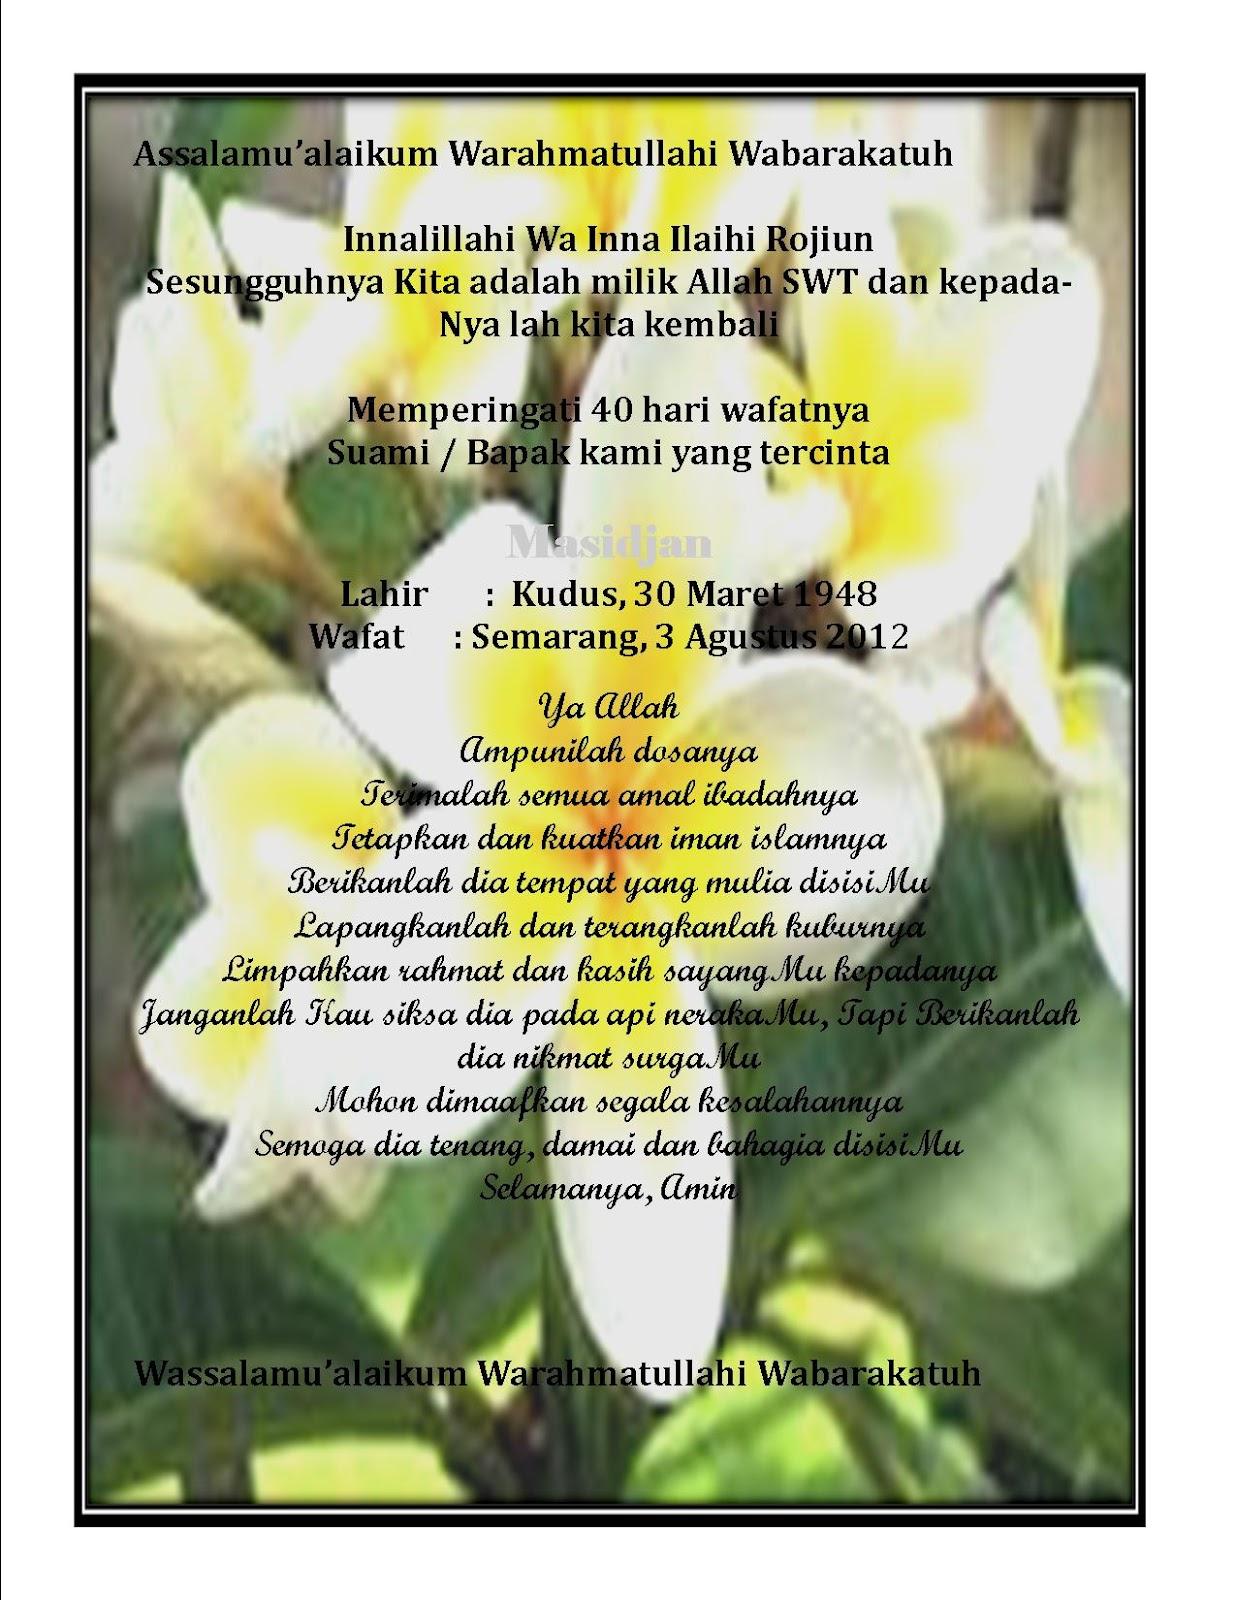 Kata2 Indah Untuk Suami : kata2, indah, untuk, suami, Koleksi, Indah, Untuk, Almarhum, Suami, Cikimm.com